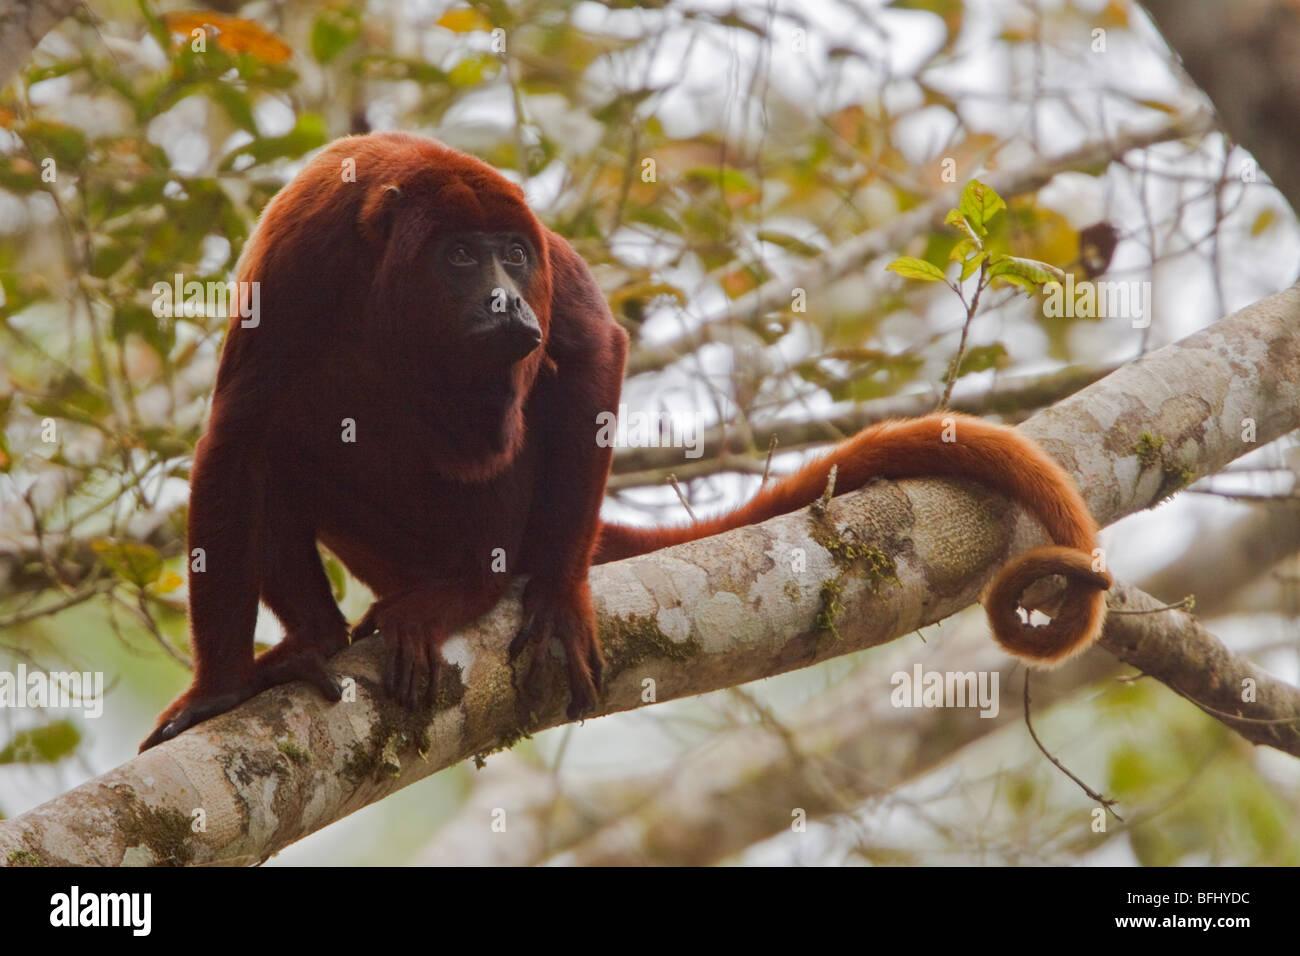 Una scimmia appollaiata in una struttura ad albero amazzonica in Ecuador. Immagini Stock